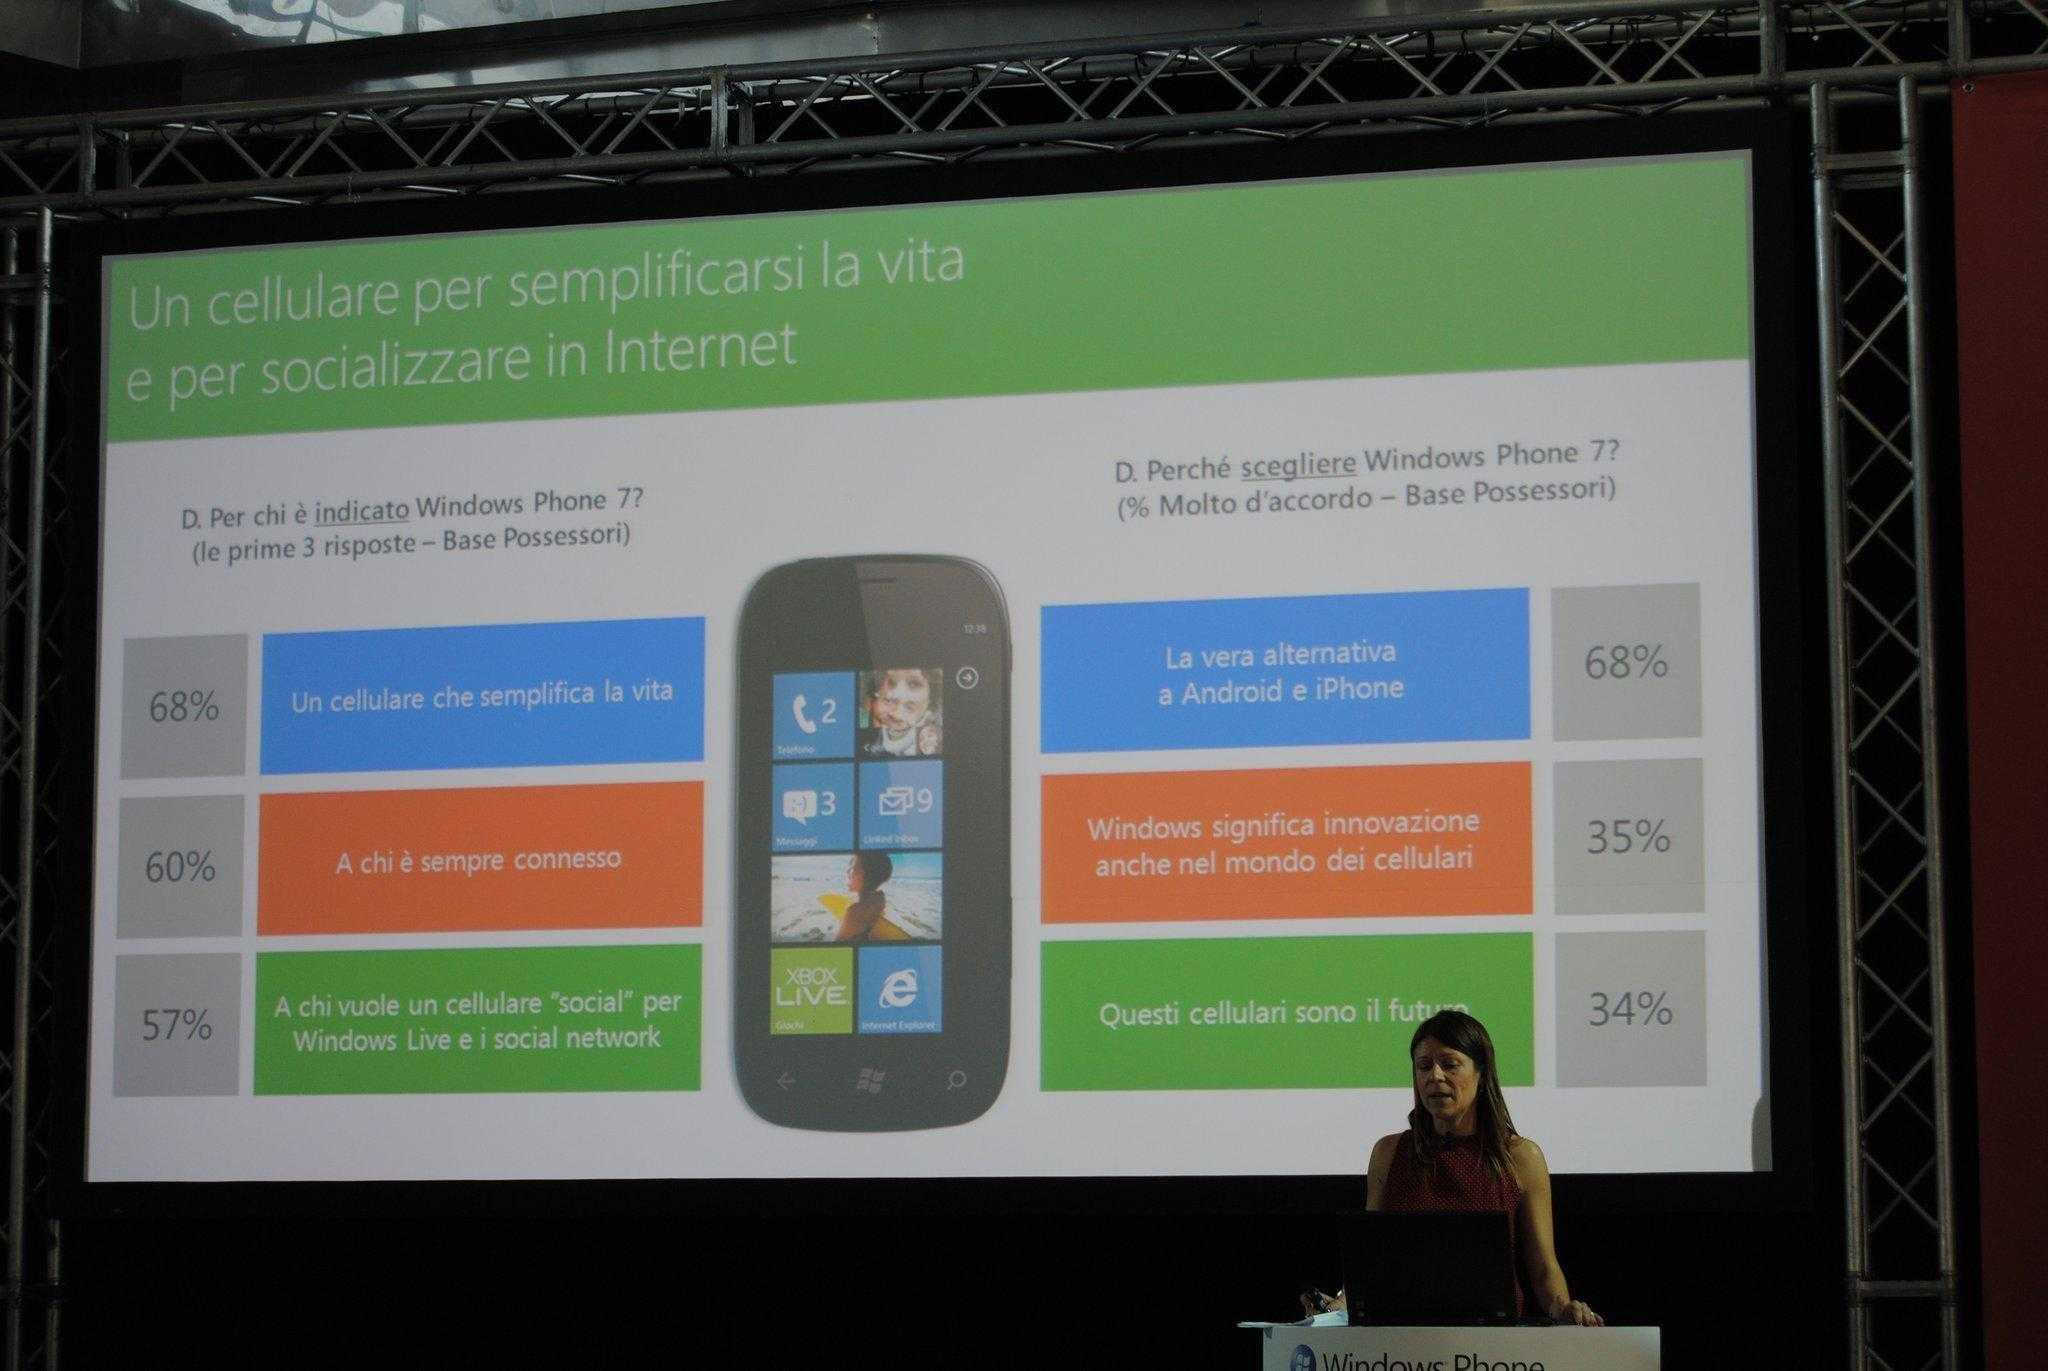 Windows Phone - Sondaggio